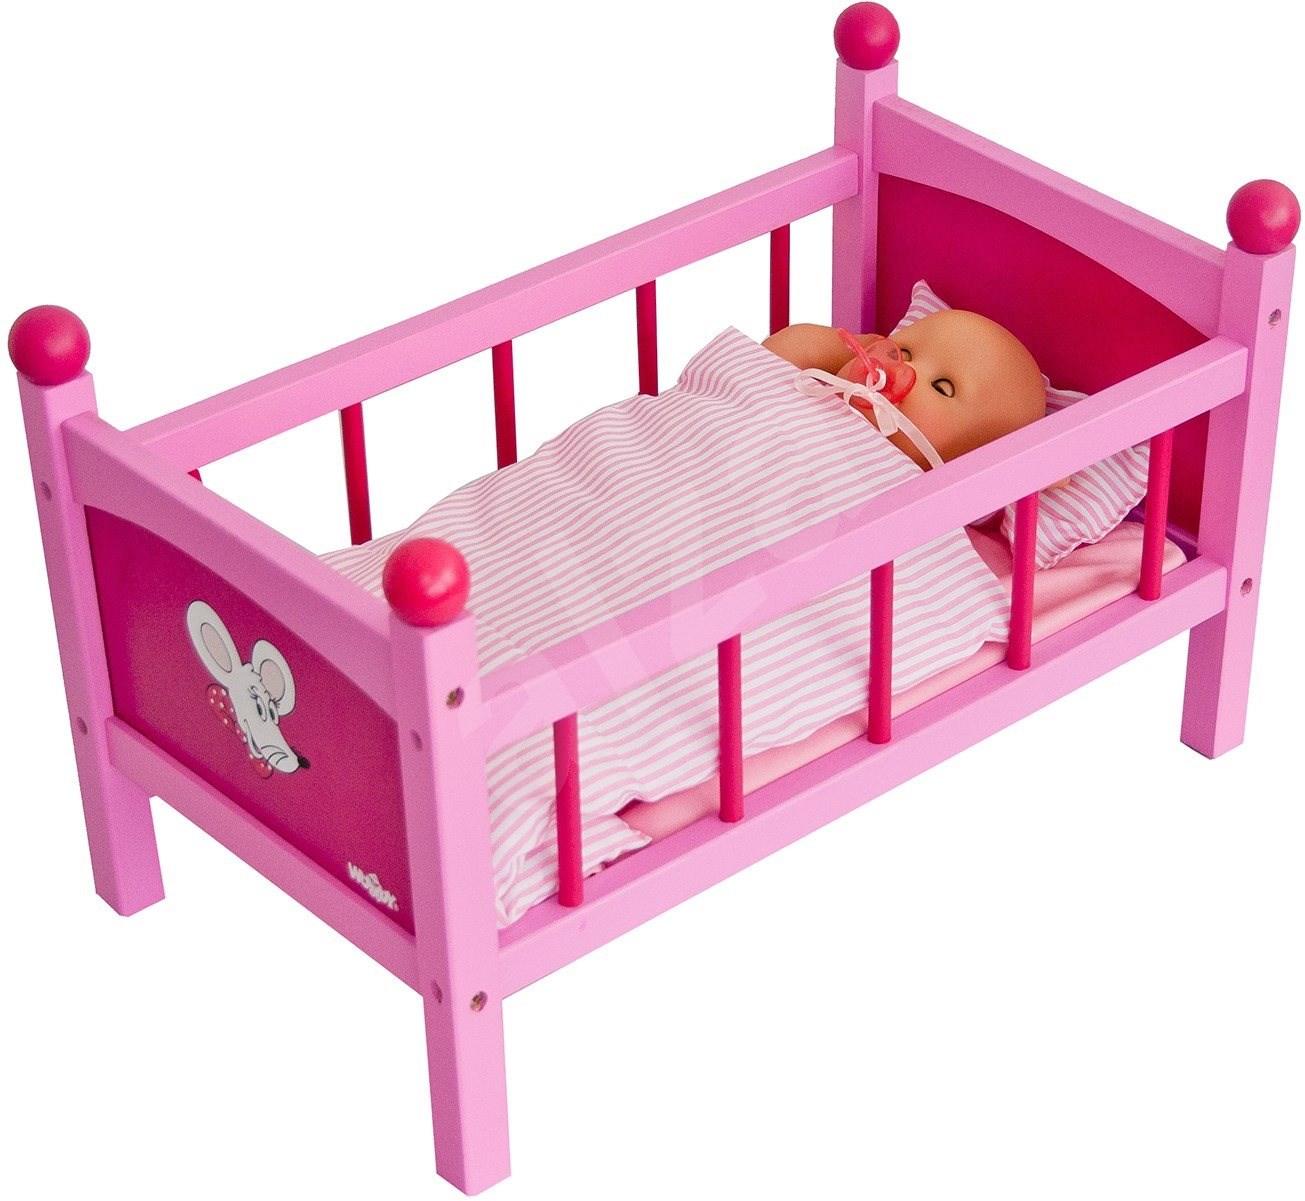 puppenbett aus holz mit bettzeug trendy zubeh r f r puppen. Black Bedroom Furniture Sets. Home Design Ideas